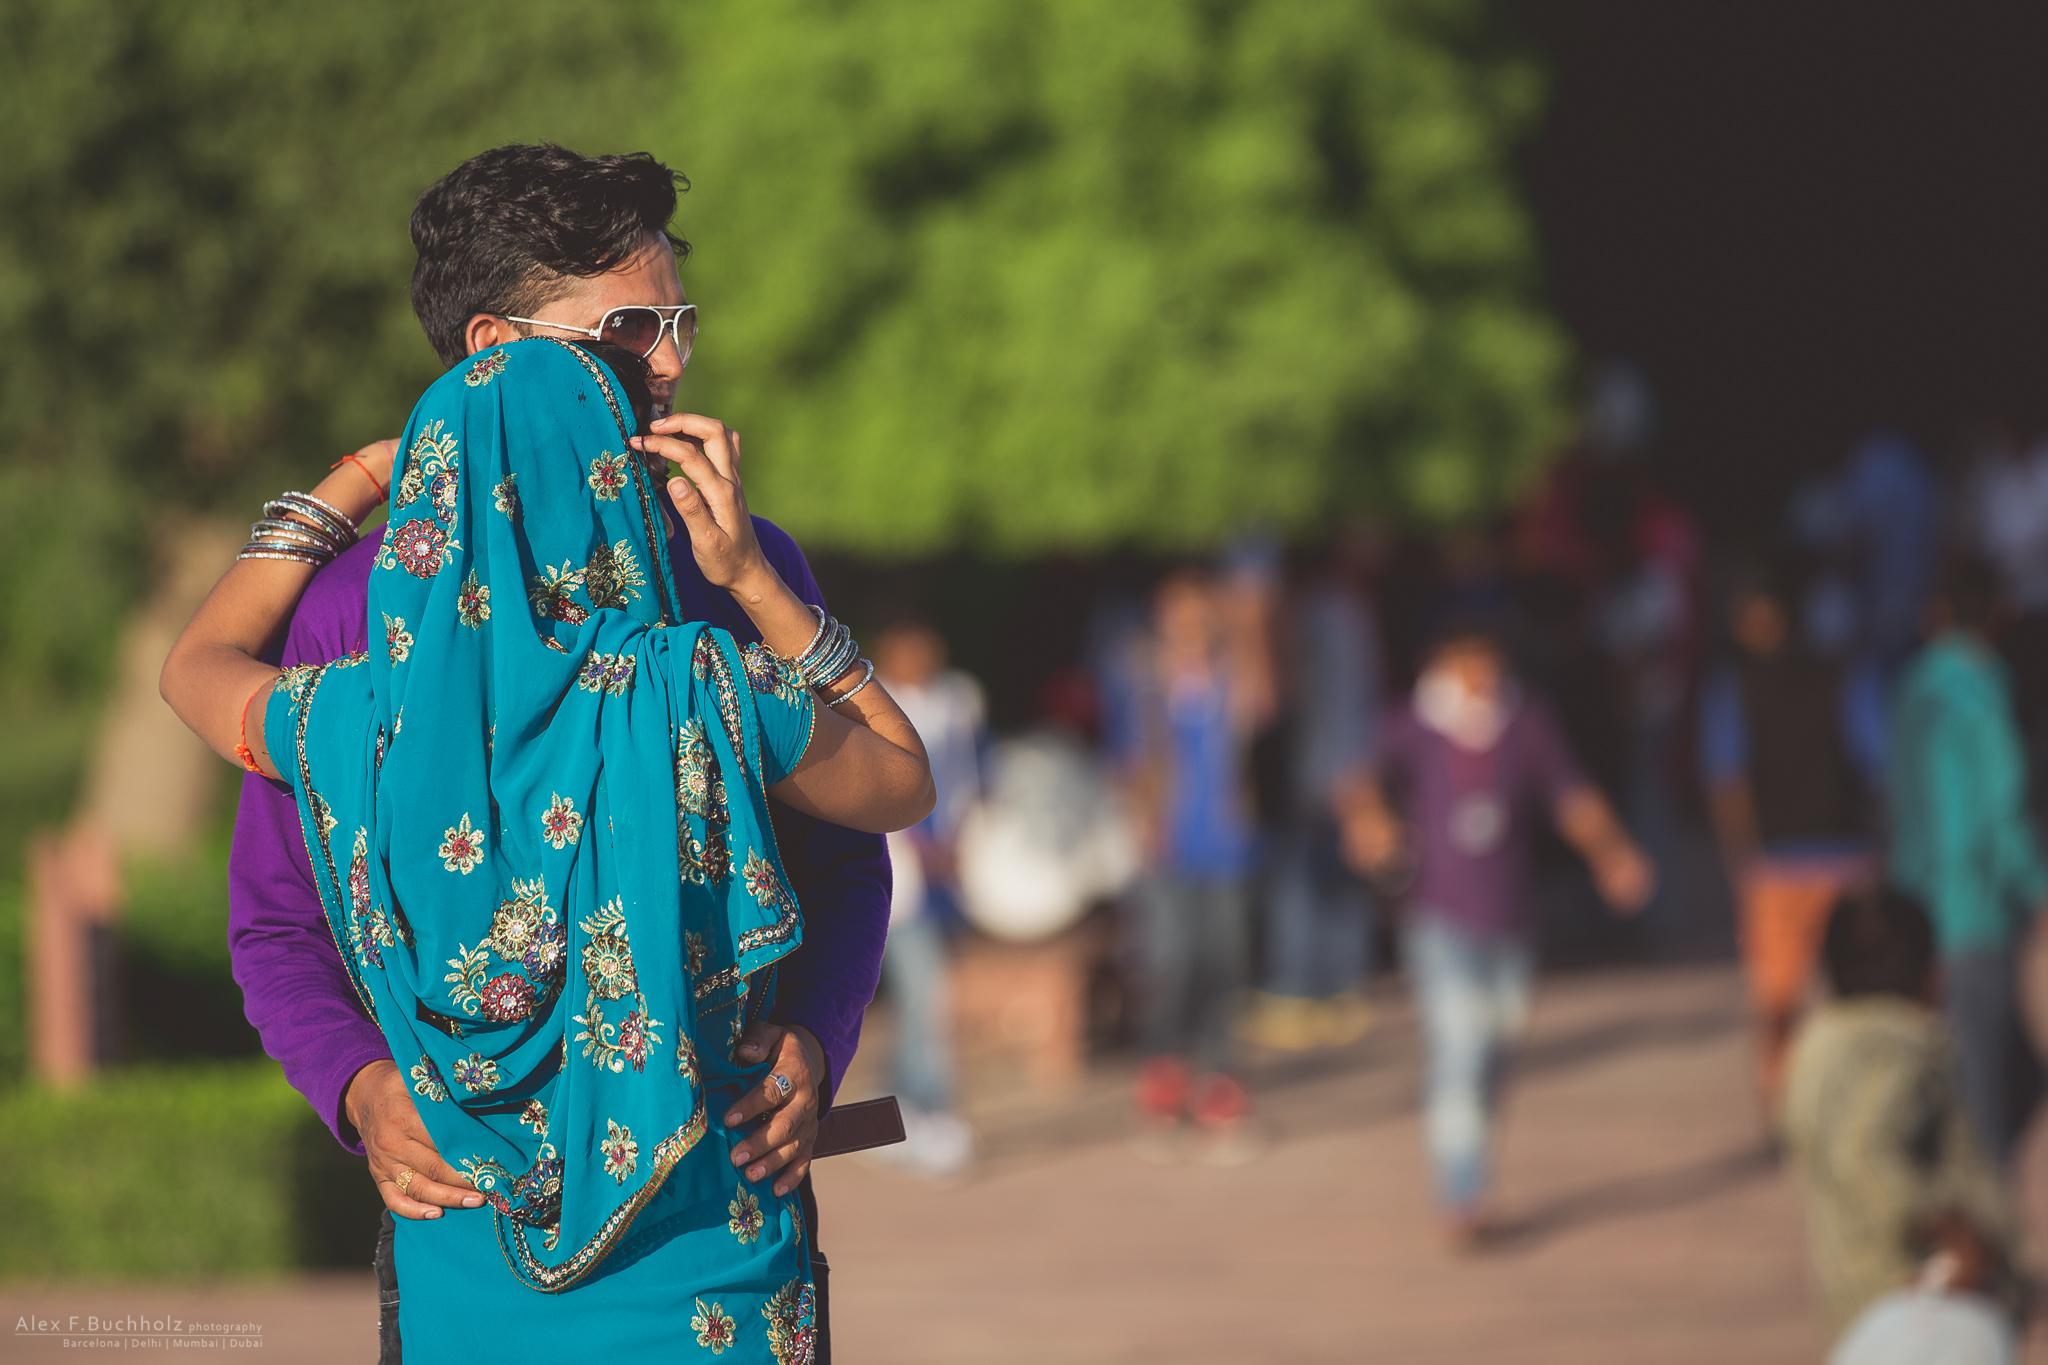 AFB14-Agra-019